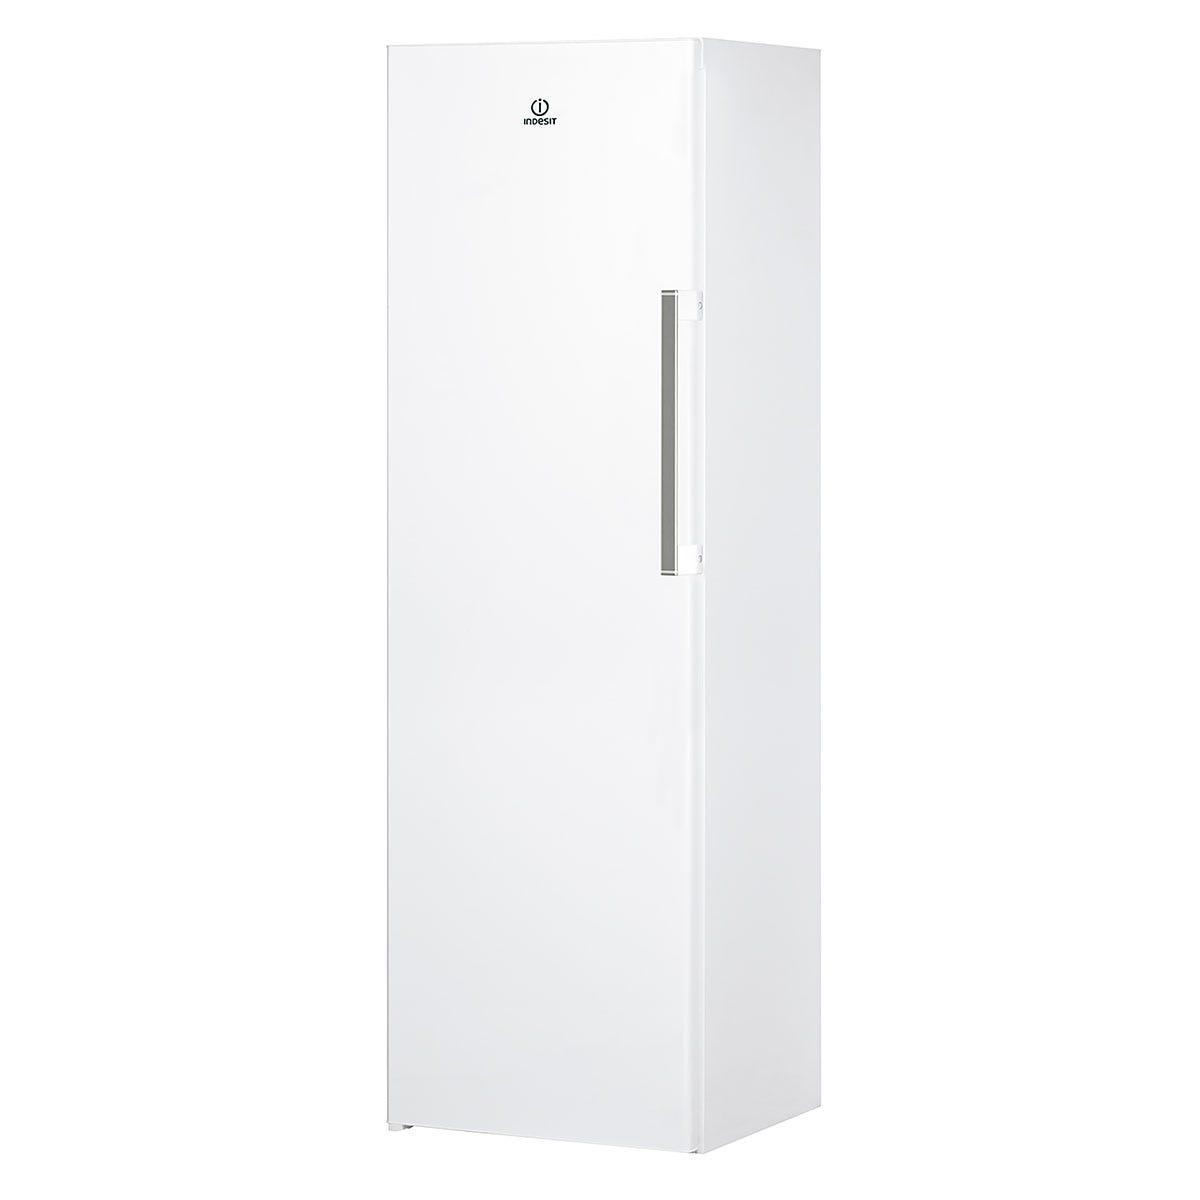 indesit ui8f1cwuk.1 259l freestanding freezer - white